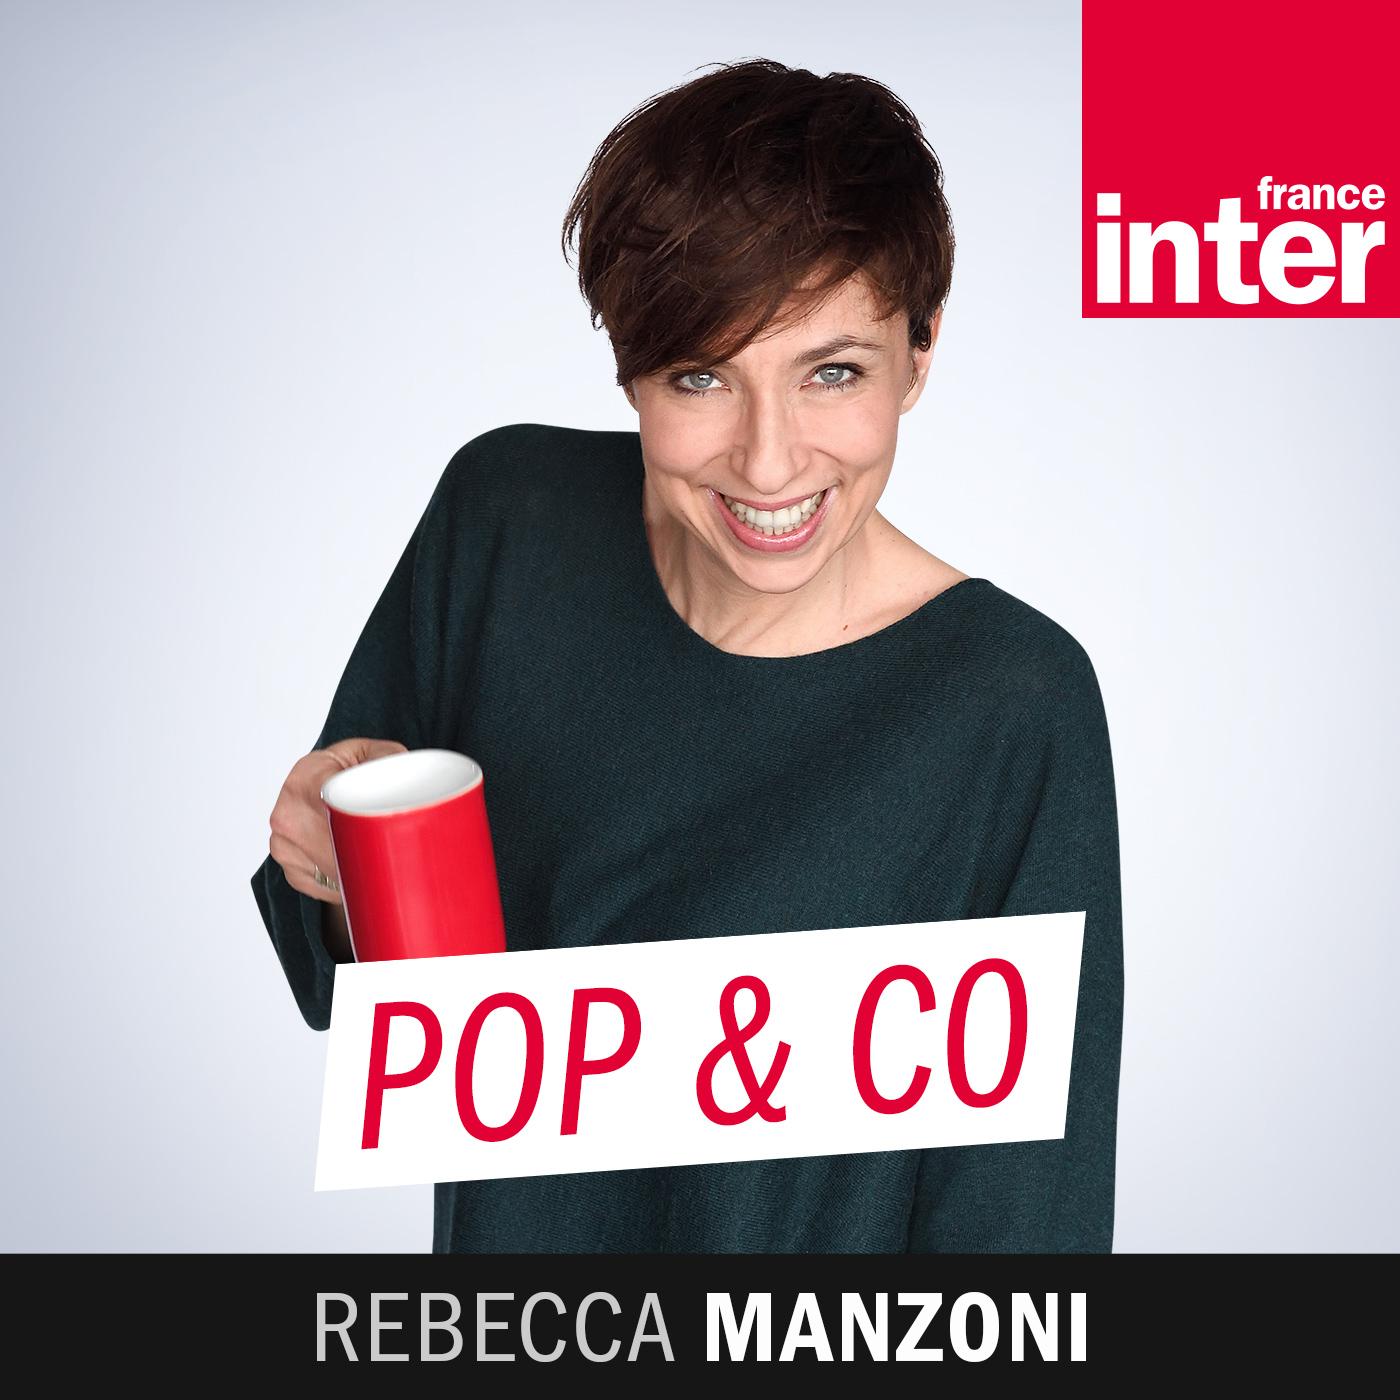 Pop & Co